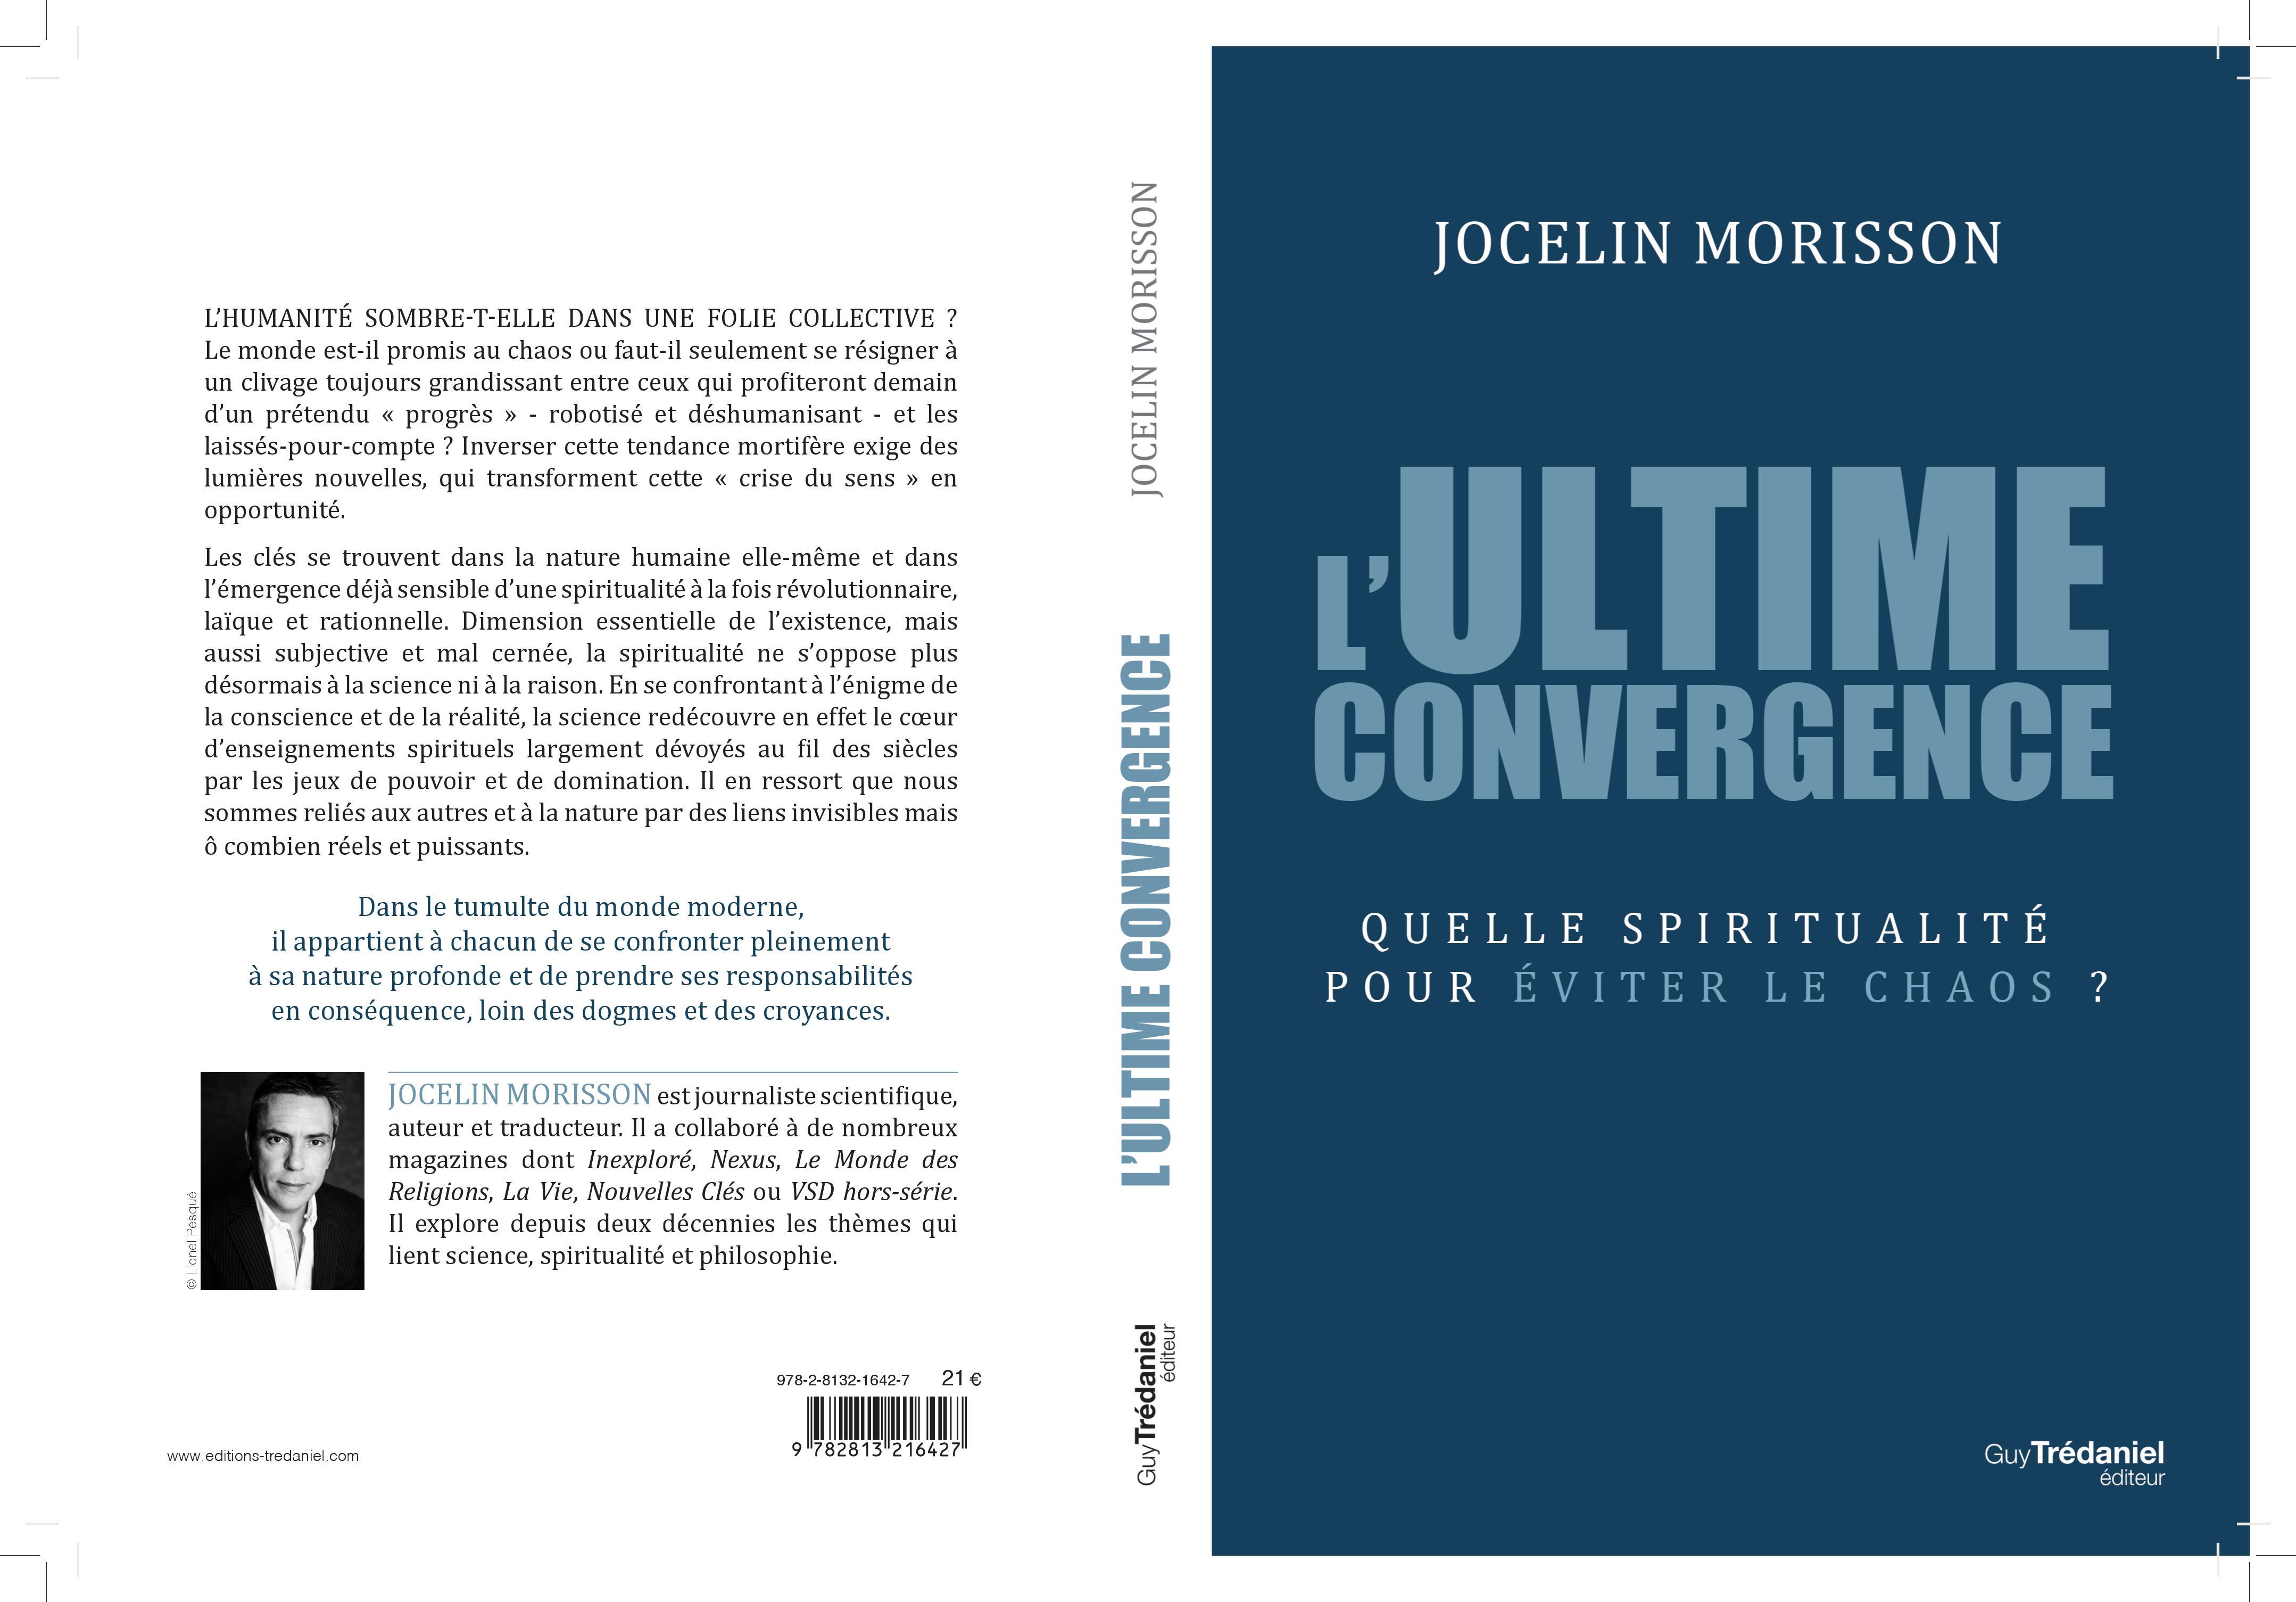 L'Ultime Convergence - Quelle spiritualité pour éviter le chaos?